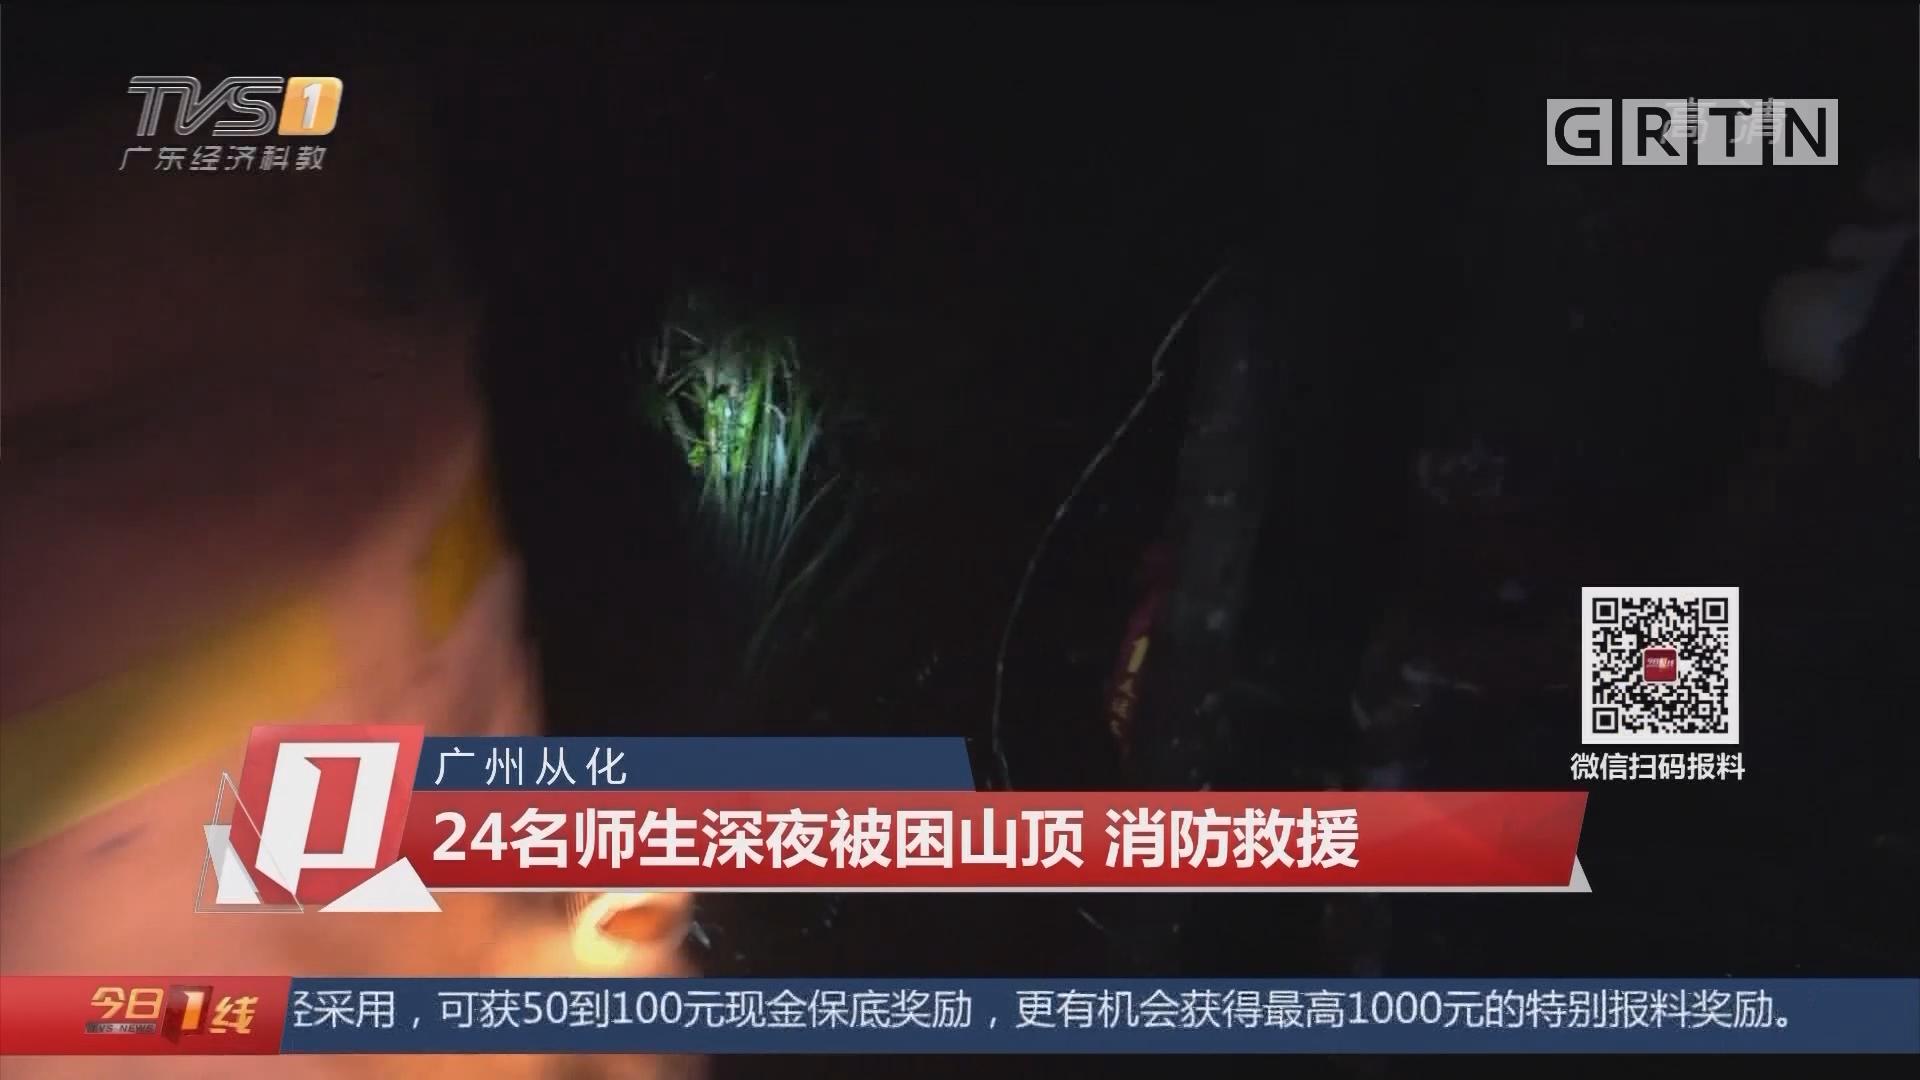 广州从化:24名师生深夜被困山顶 消防救援